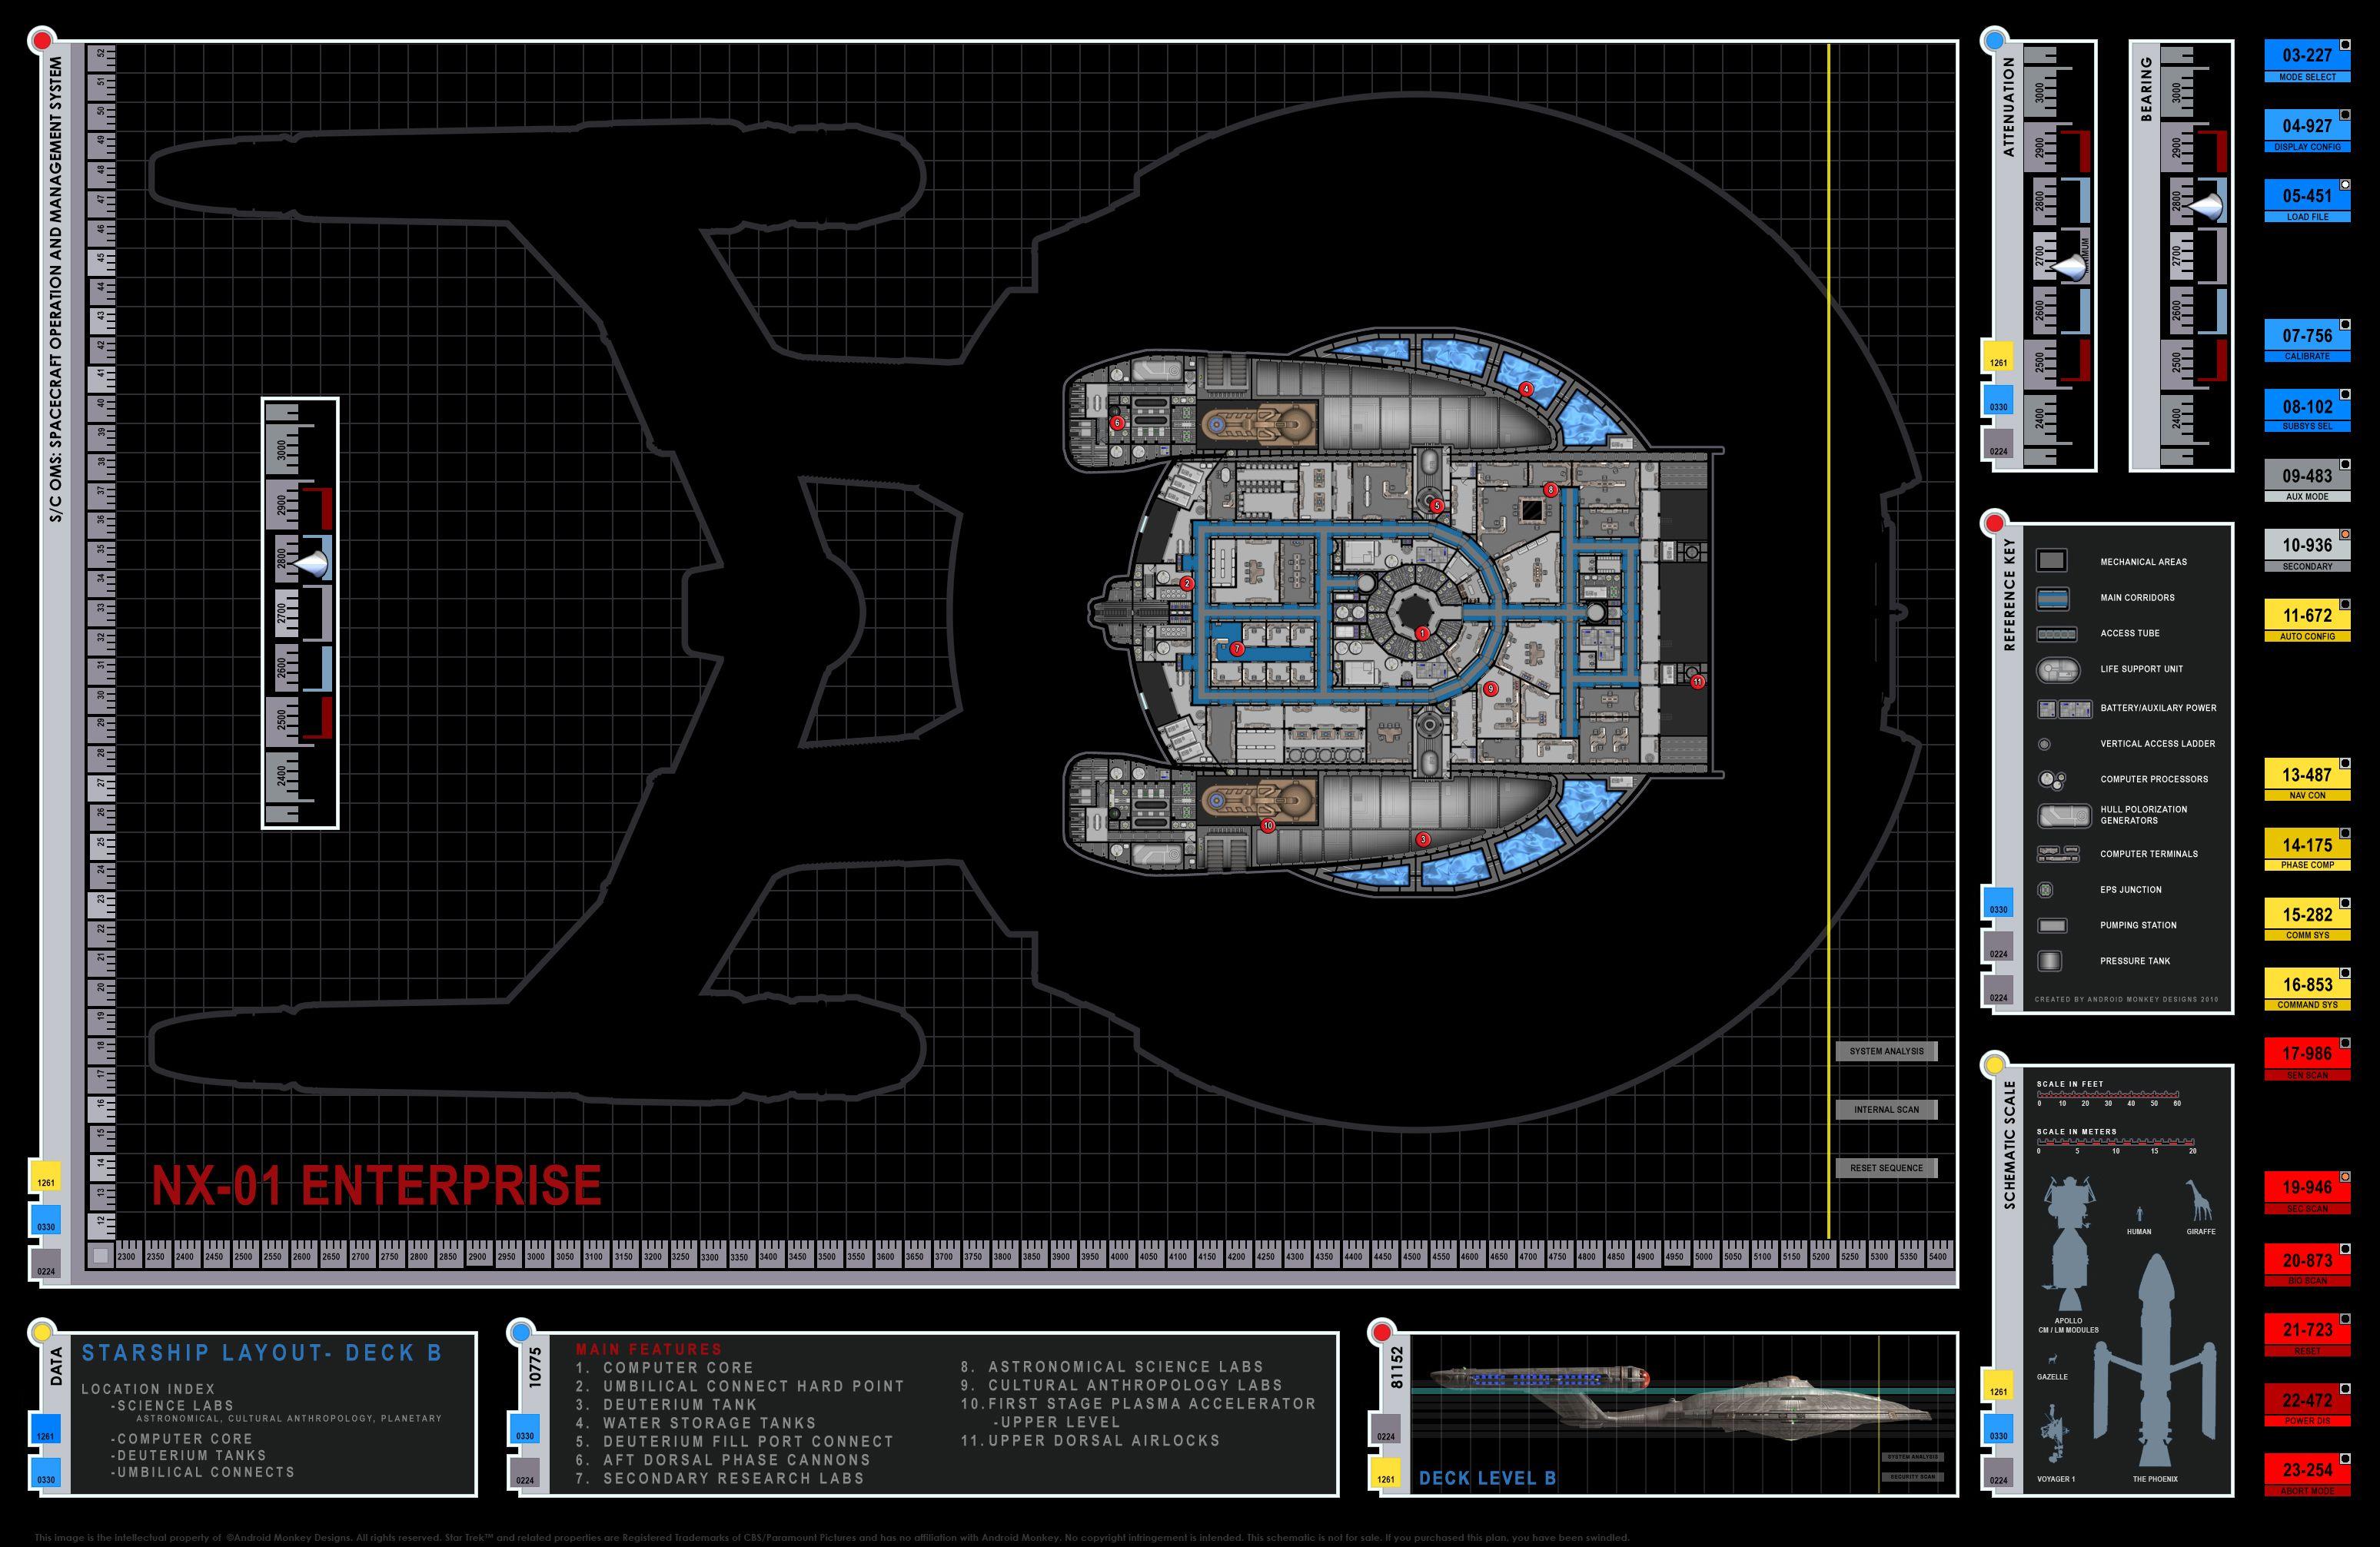 Enterprise NX 01 Deck Plan Schematics #nx01 #ussenterprise #startrek